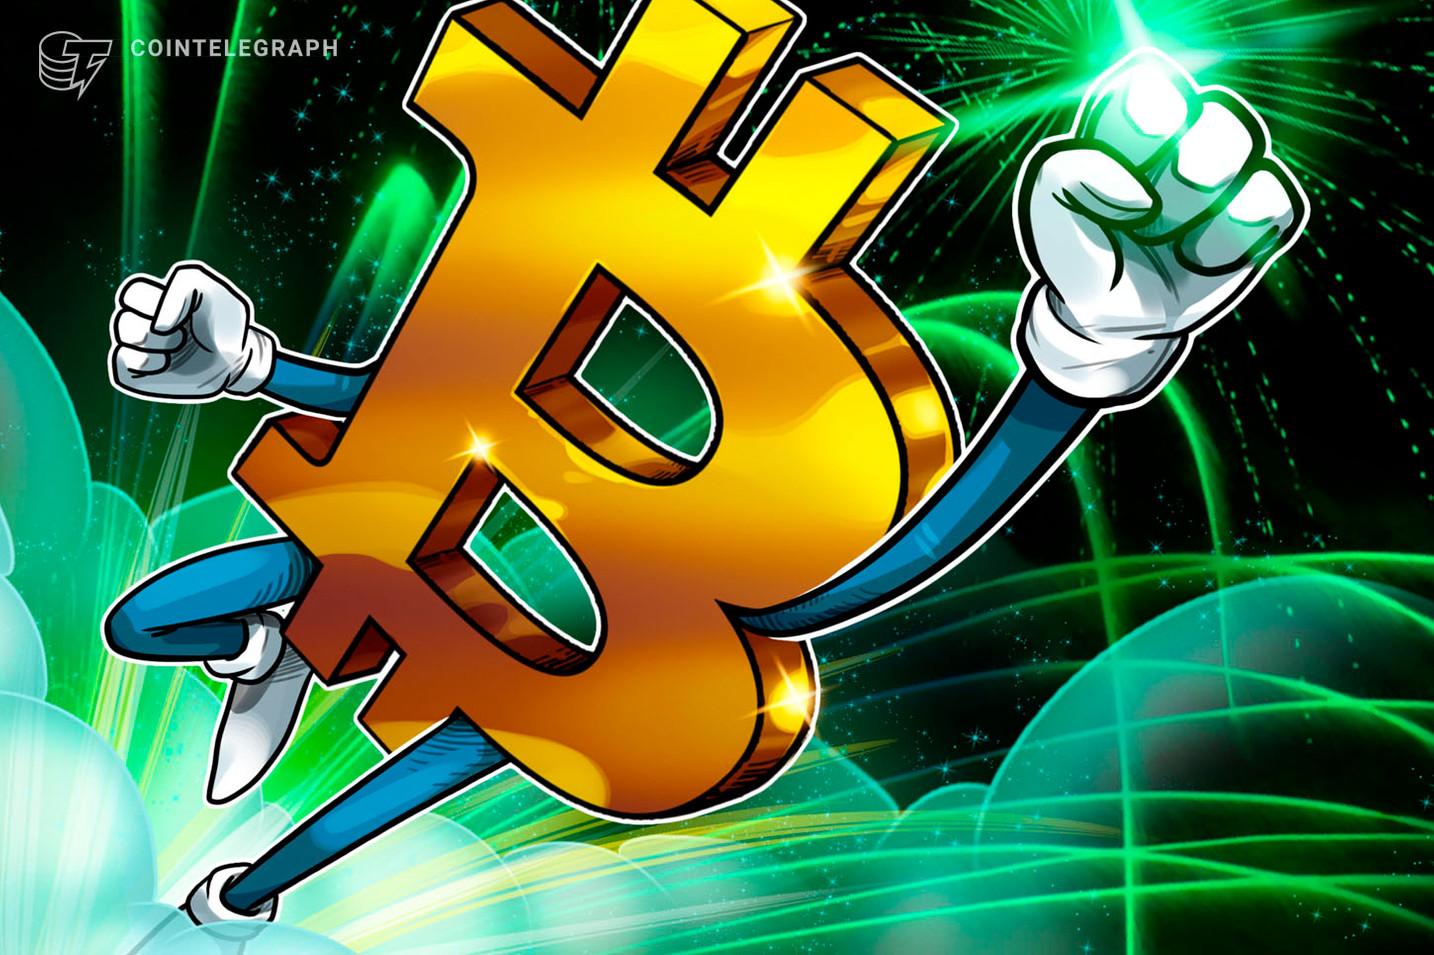 Bitcoin bilježi rijetki 10-dnevni niz pobjeda jer BTC cijena dostiže gornju granicu od 42 XNUMX USD